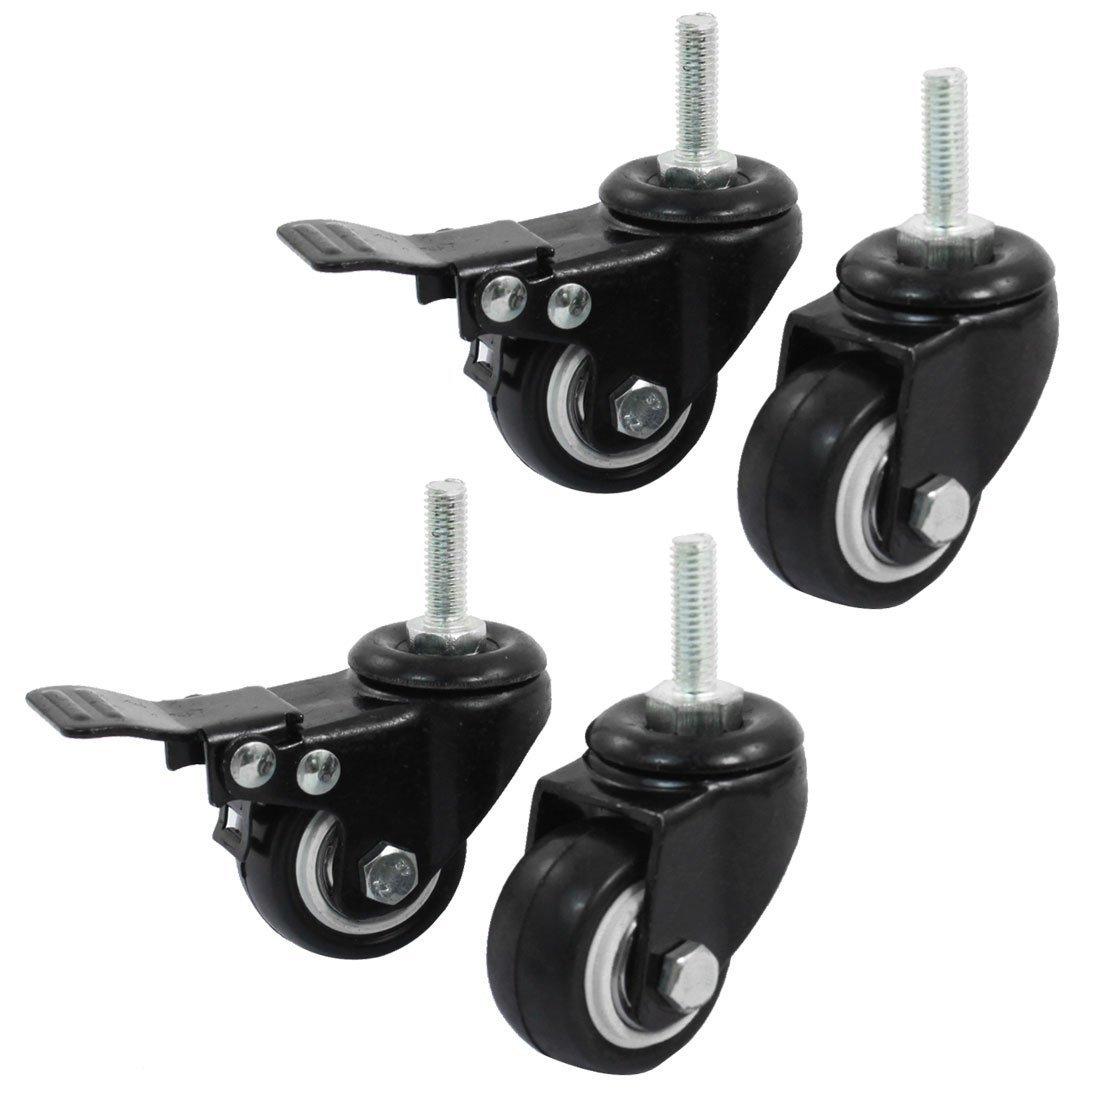 SODIAL Roue de panier d'achat Roulette pivotante de frein a roulettes, 1,5 po, noir, 4 pieces